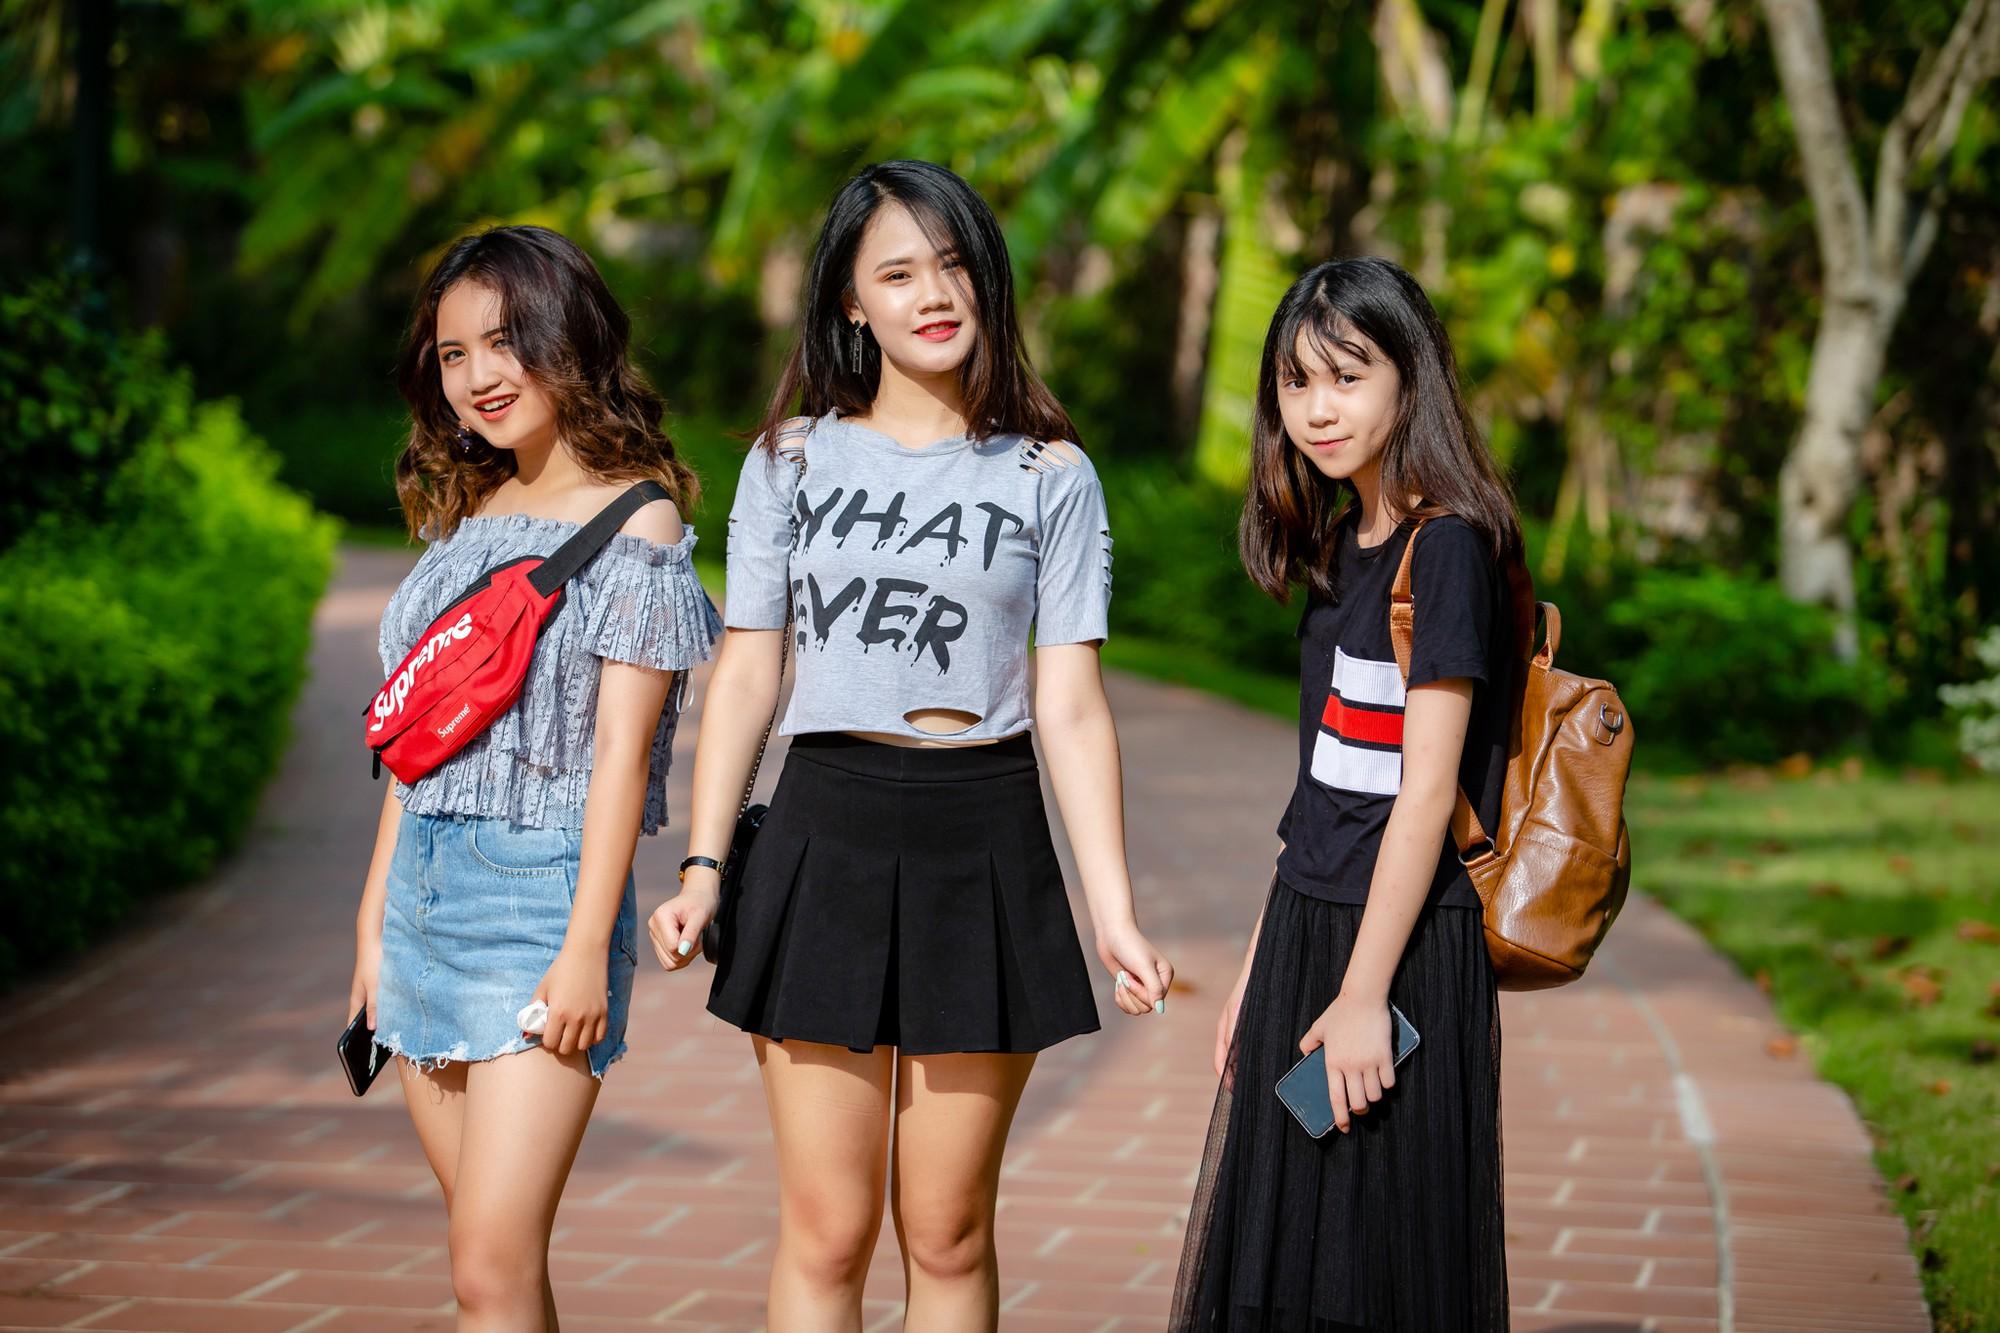 Cận cảnh nhan sắc 3 cô con gái tài năng, xinh hơn hotgirl của Tú Dưa